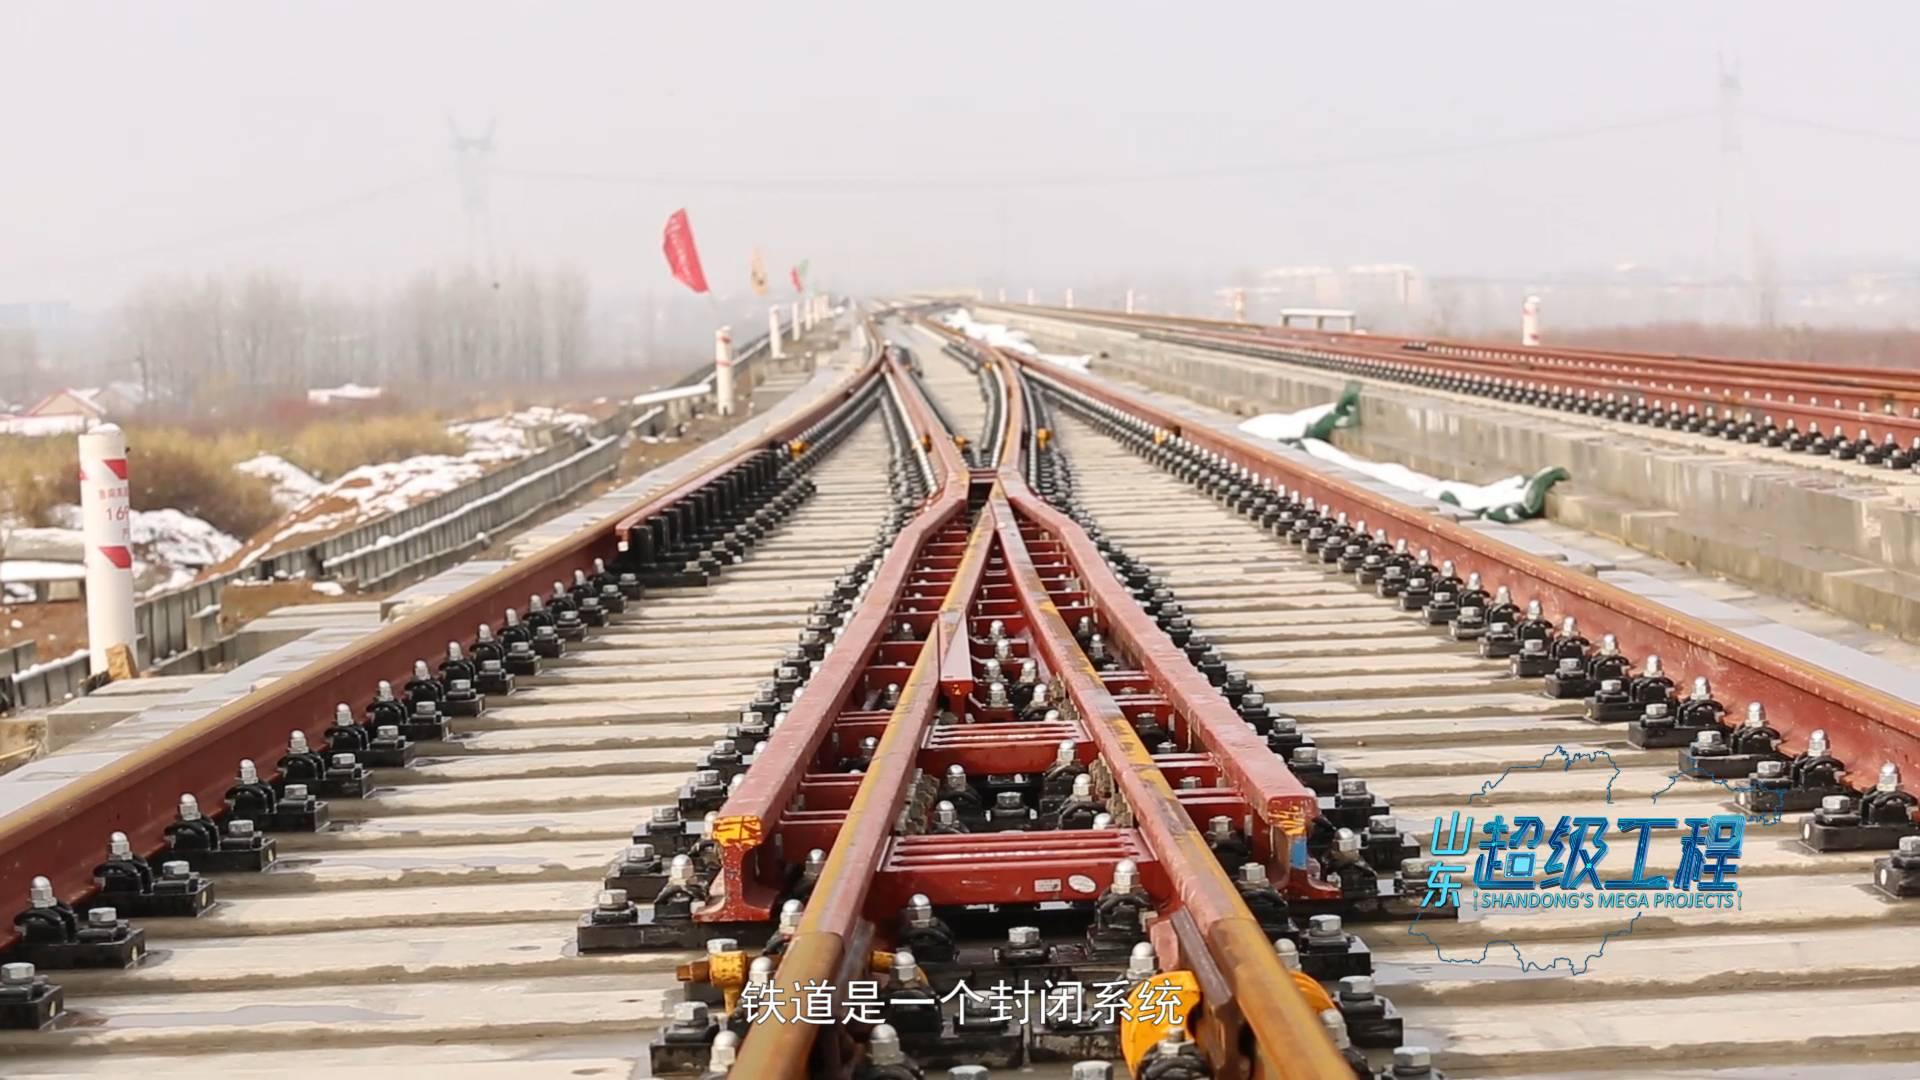 风起海岱间丨曾扛着铁锹建兖石铁路,32年后他再次参与建设鲁南高铁